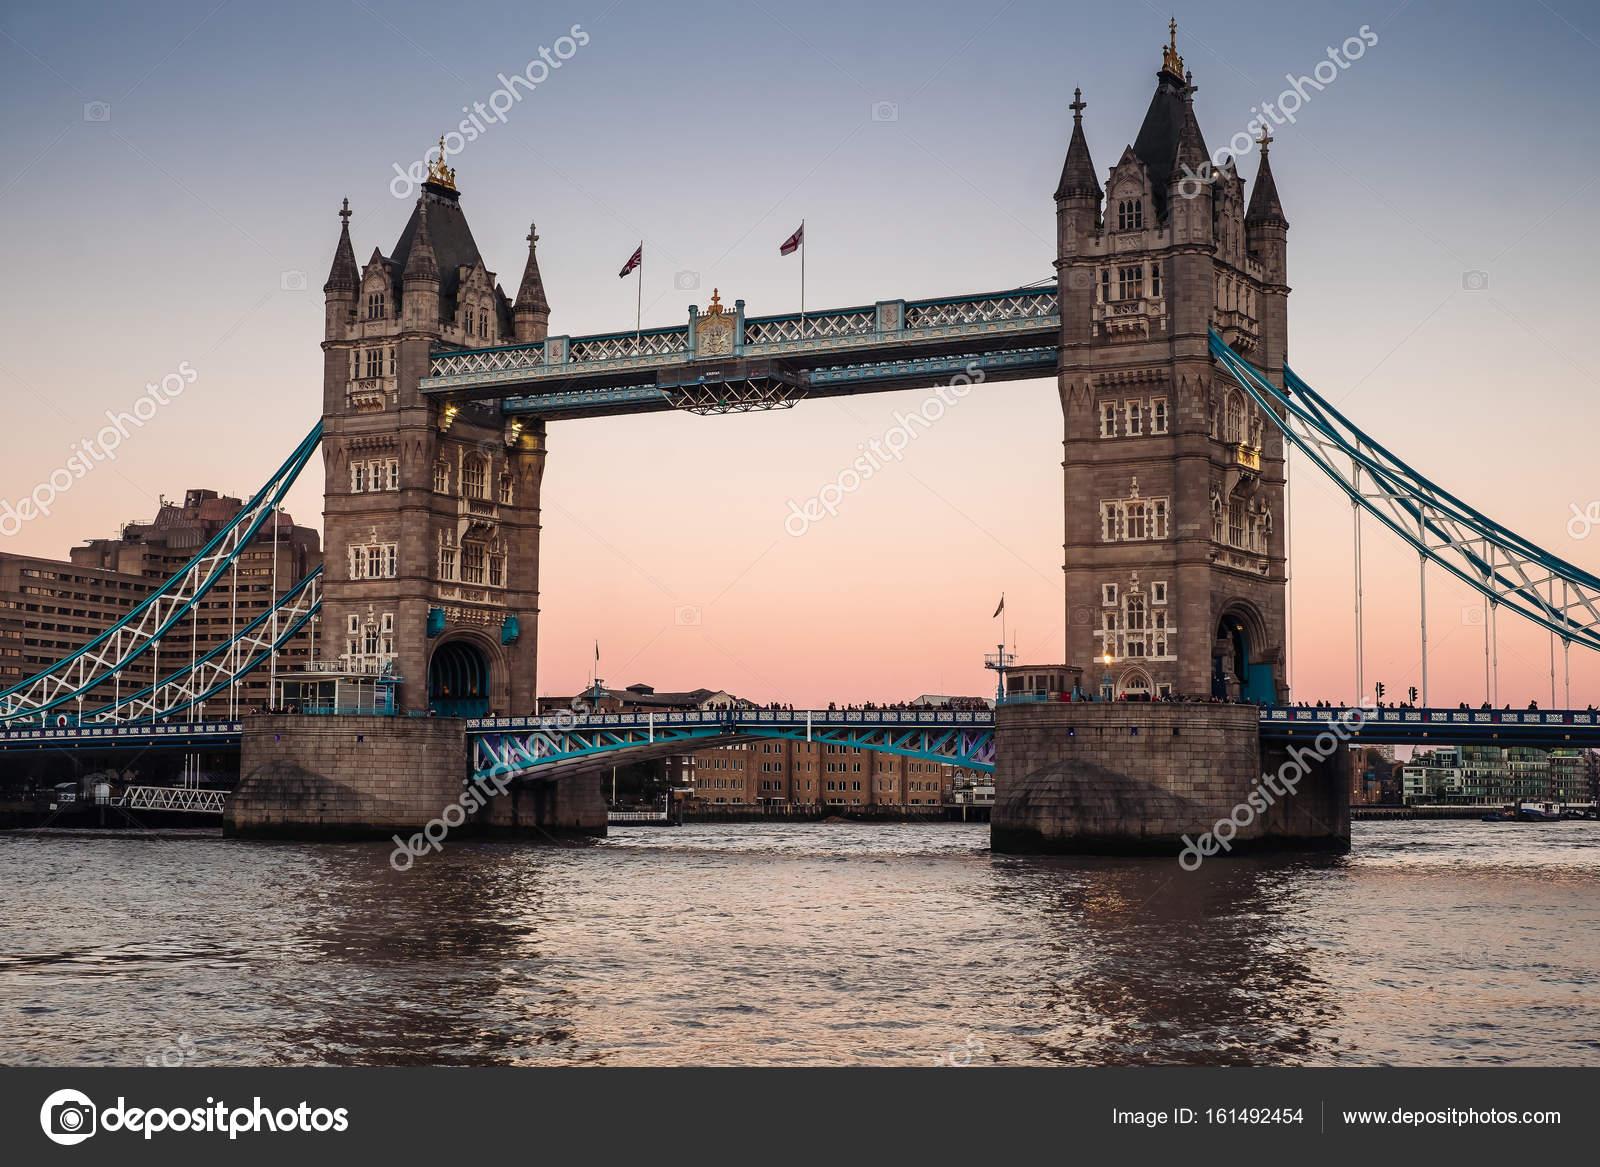 Le Pont De Londres Photographie Sabinoparente C 161492454